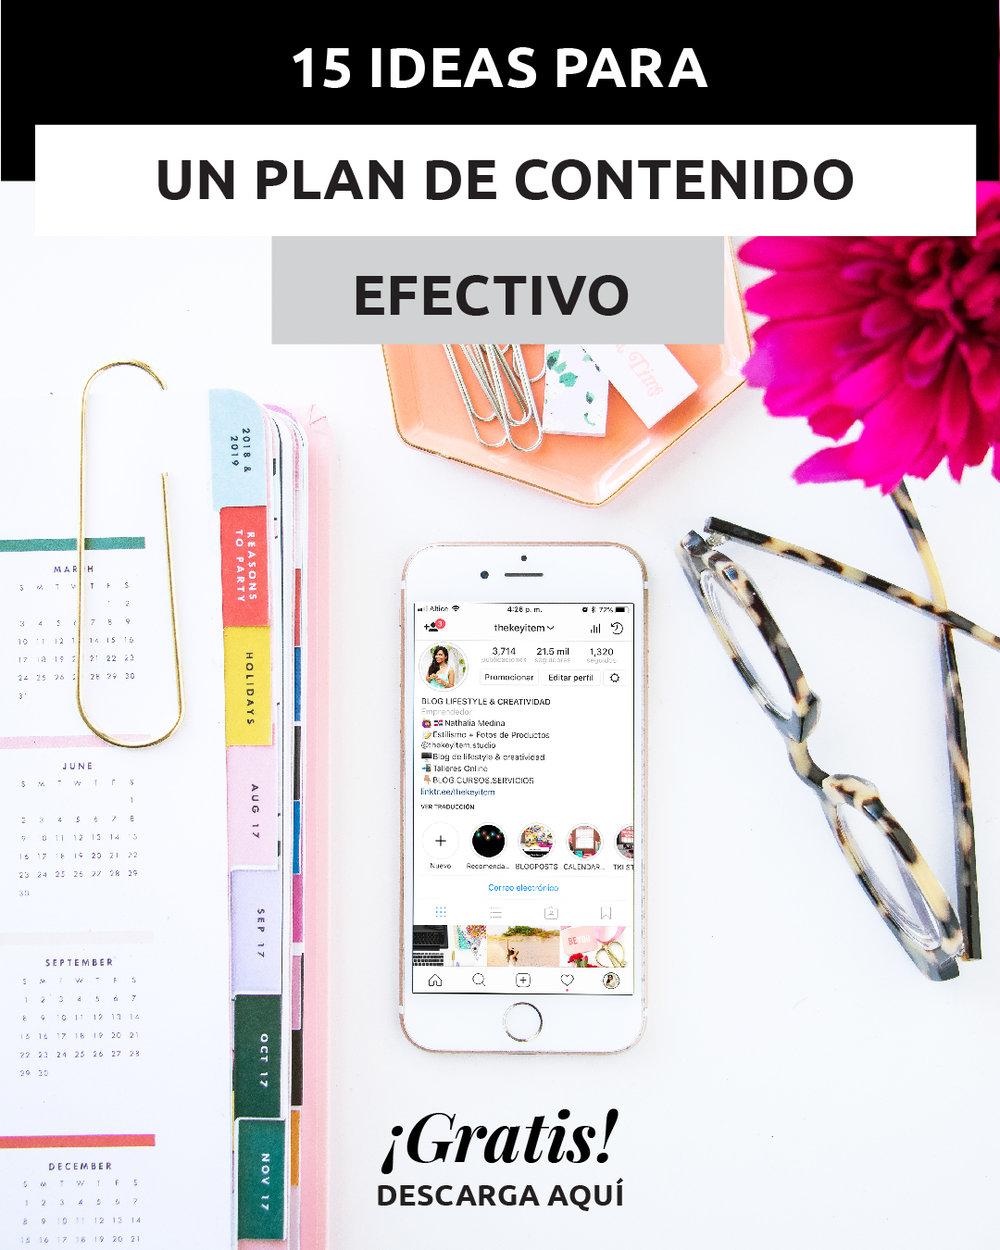 Foto de un escritorio con celular e Instagram | La clave de un buen perfil en las redes sociales es tener un excelente plan de contenido. Aprende a crear uno de forma rápida y efectiva. ¡GRATIS!